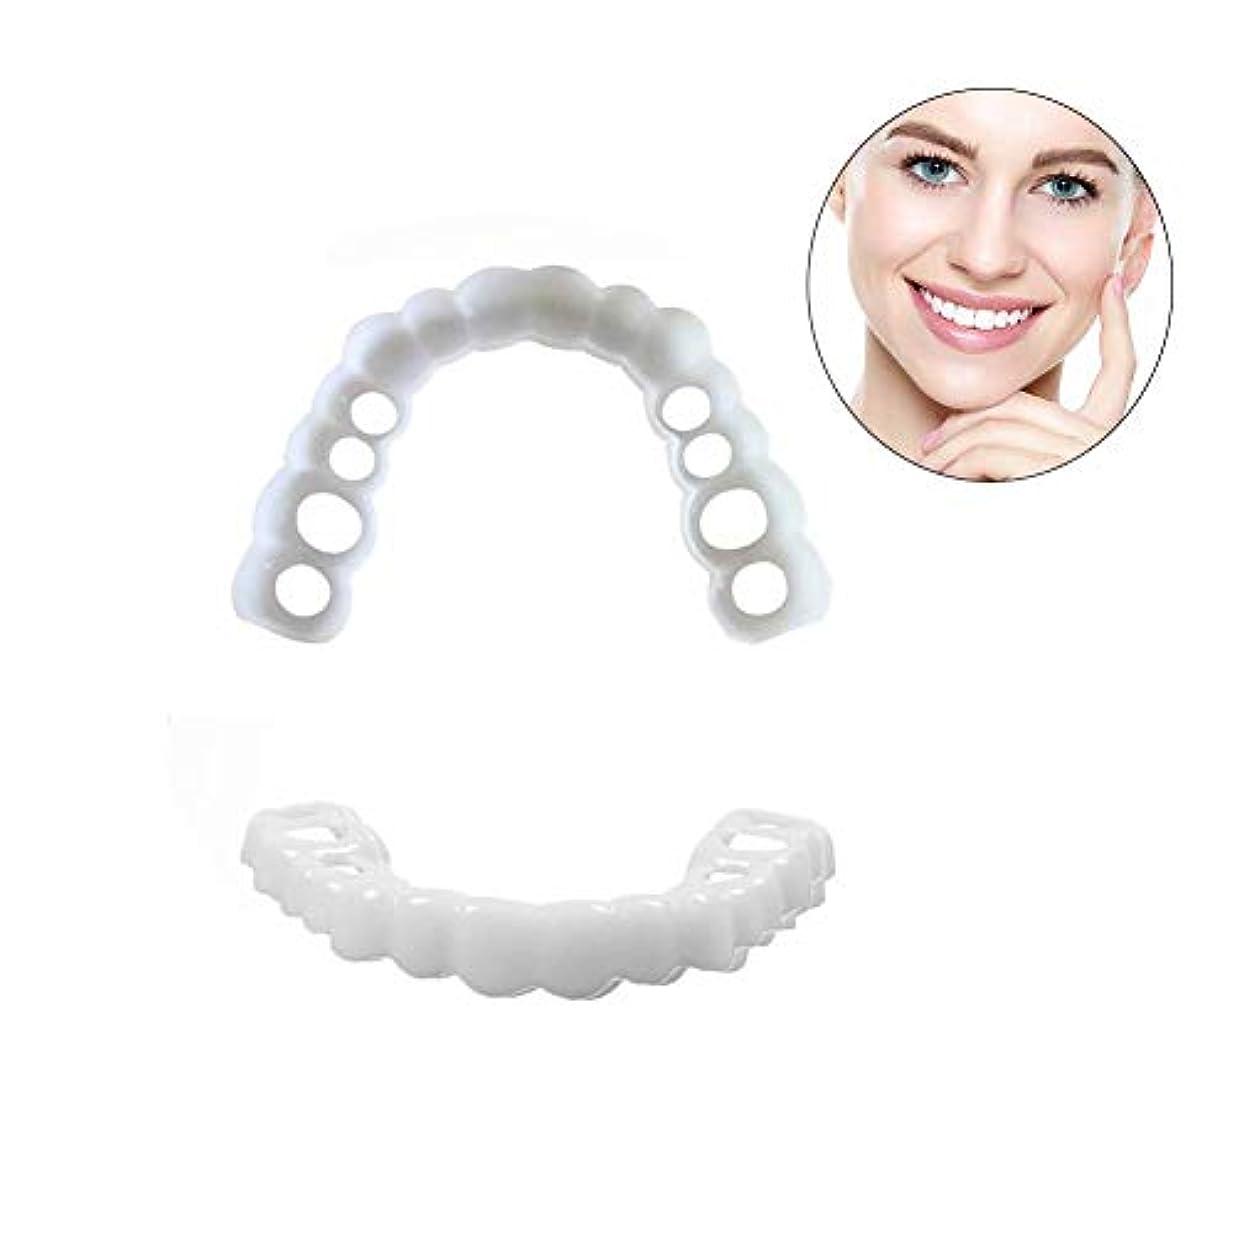 辛いウォーターフロント明確に3ペア一時的な化粧品の歯義歯歯の化粧品模擬装具アッパーブレース+ロアブレース、インスタント快適なフレックスパーフェクトベニアの歯スナップキャップ